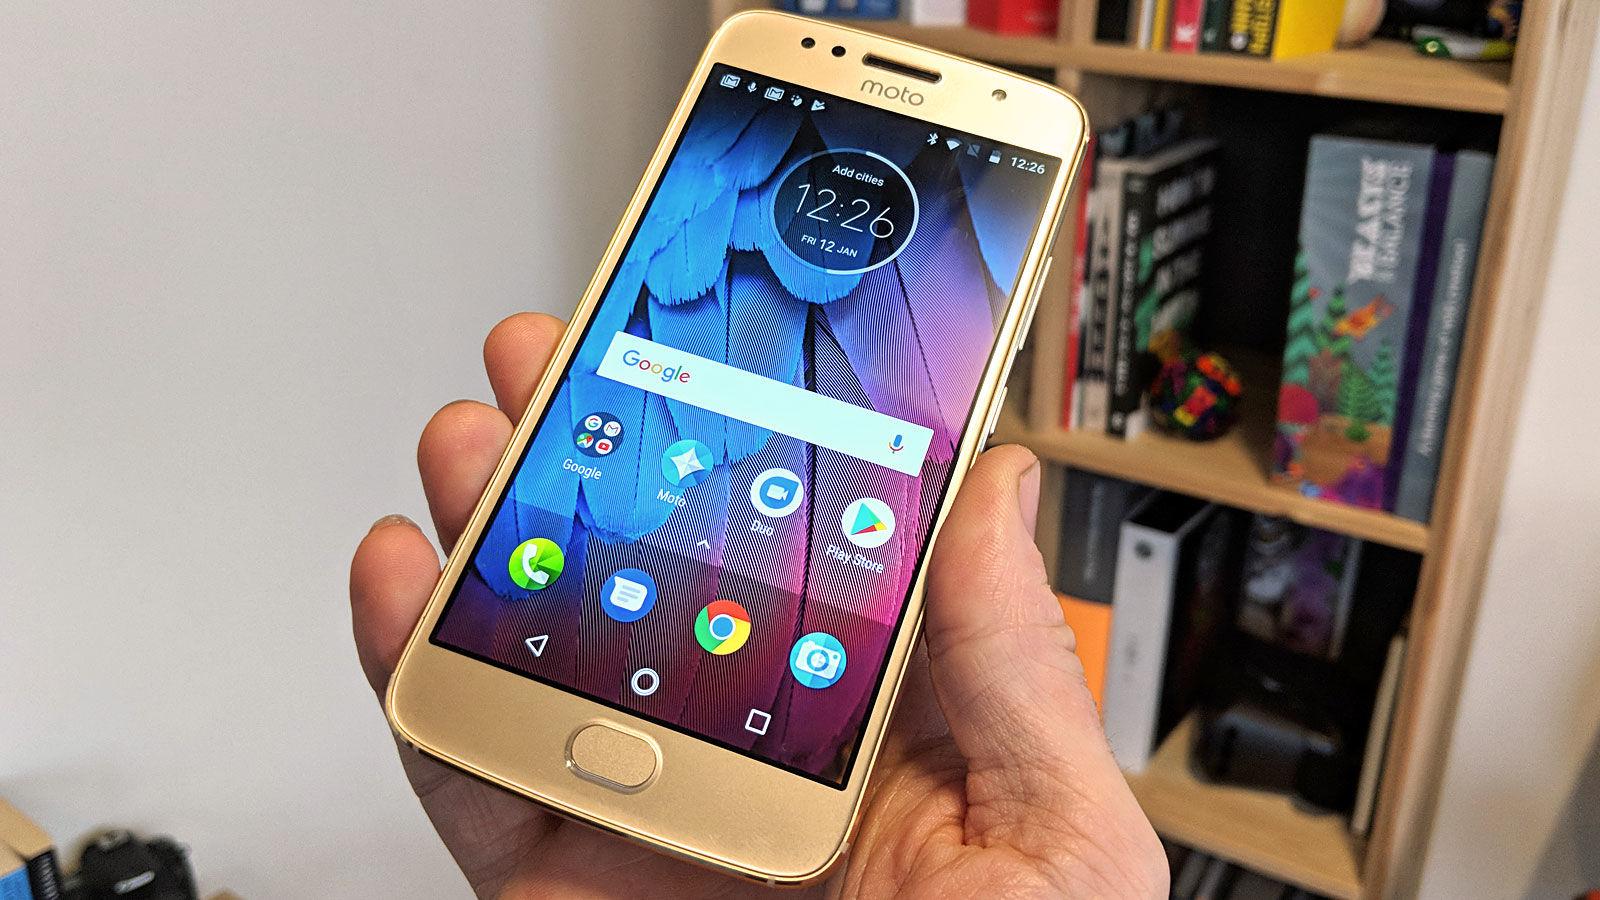 Топ-5 смартфонов на Android из Поднебесной - Смартфон Motorola в руке